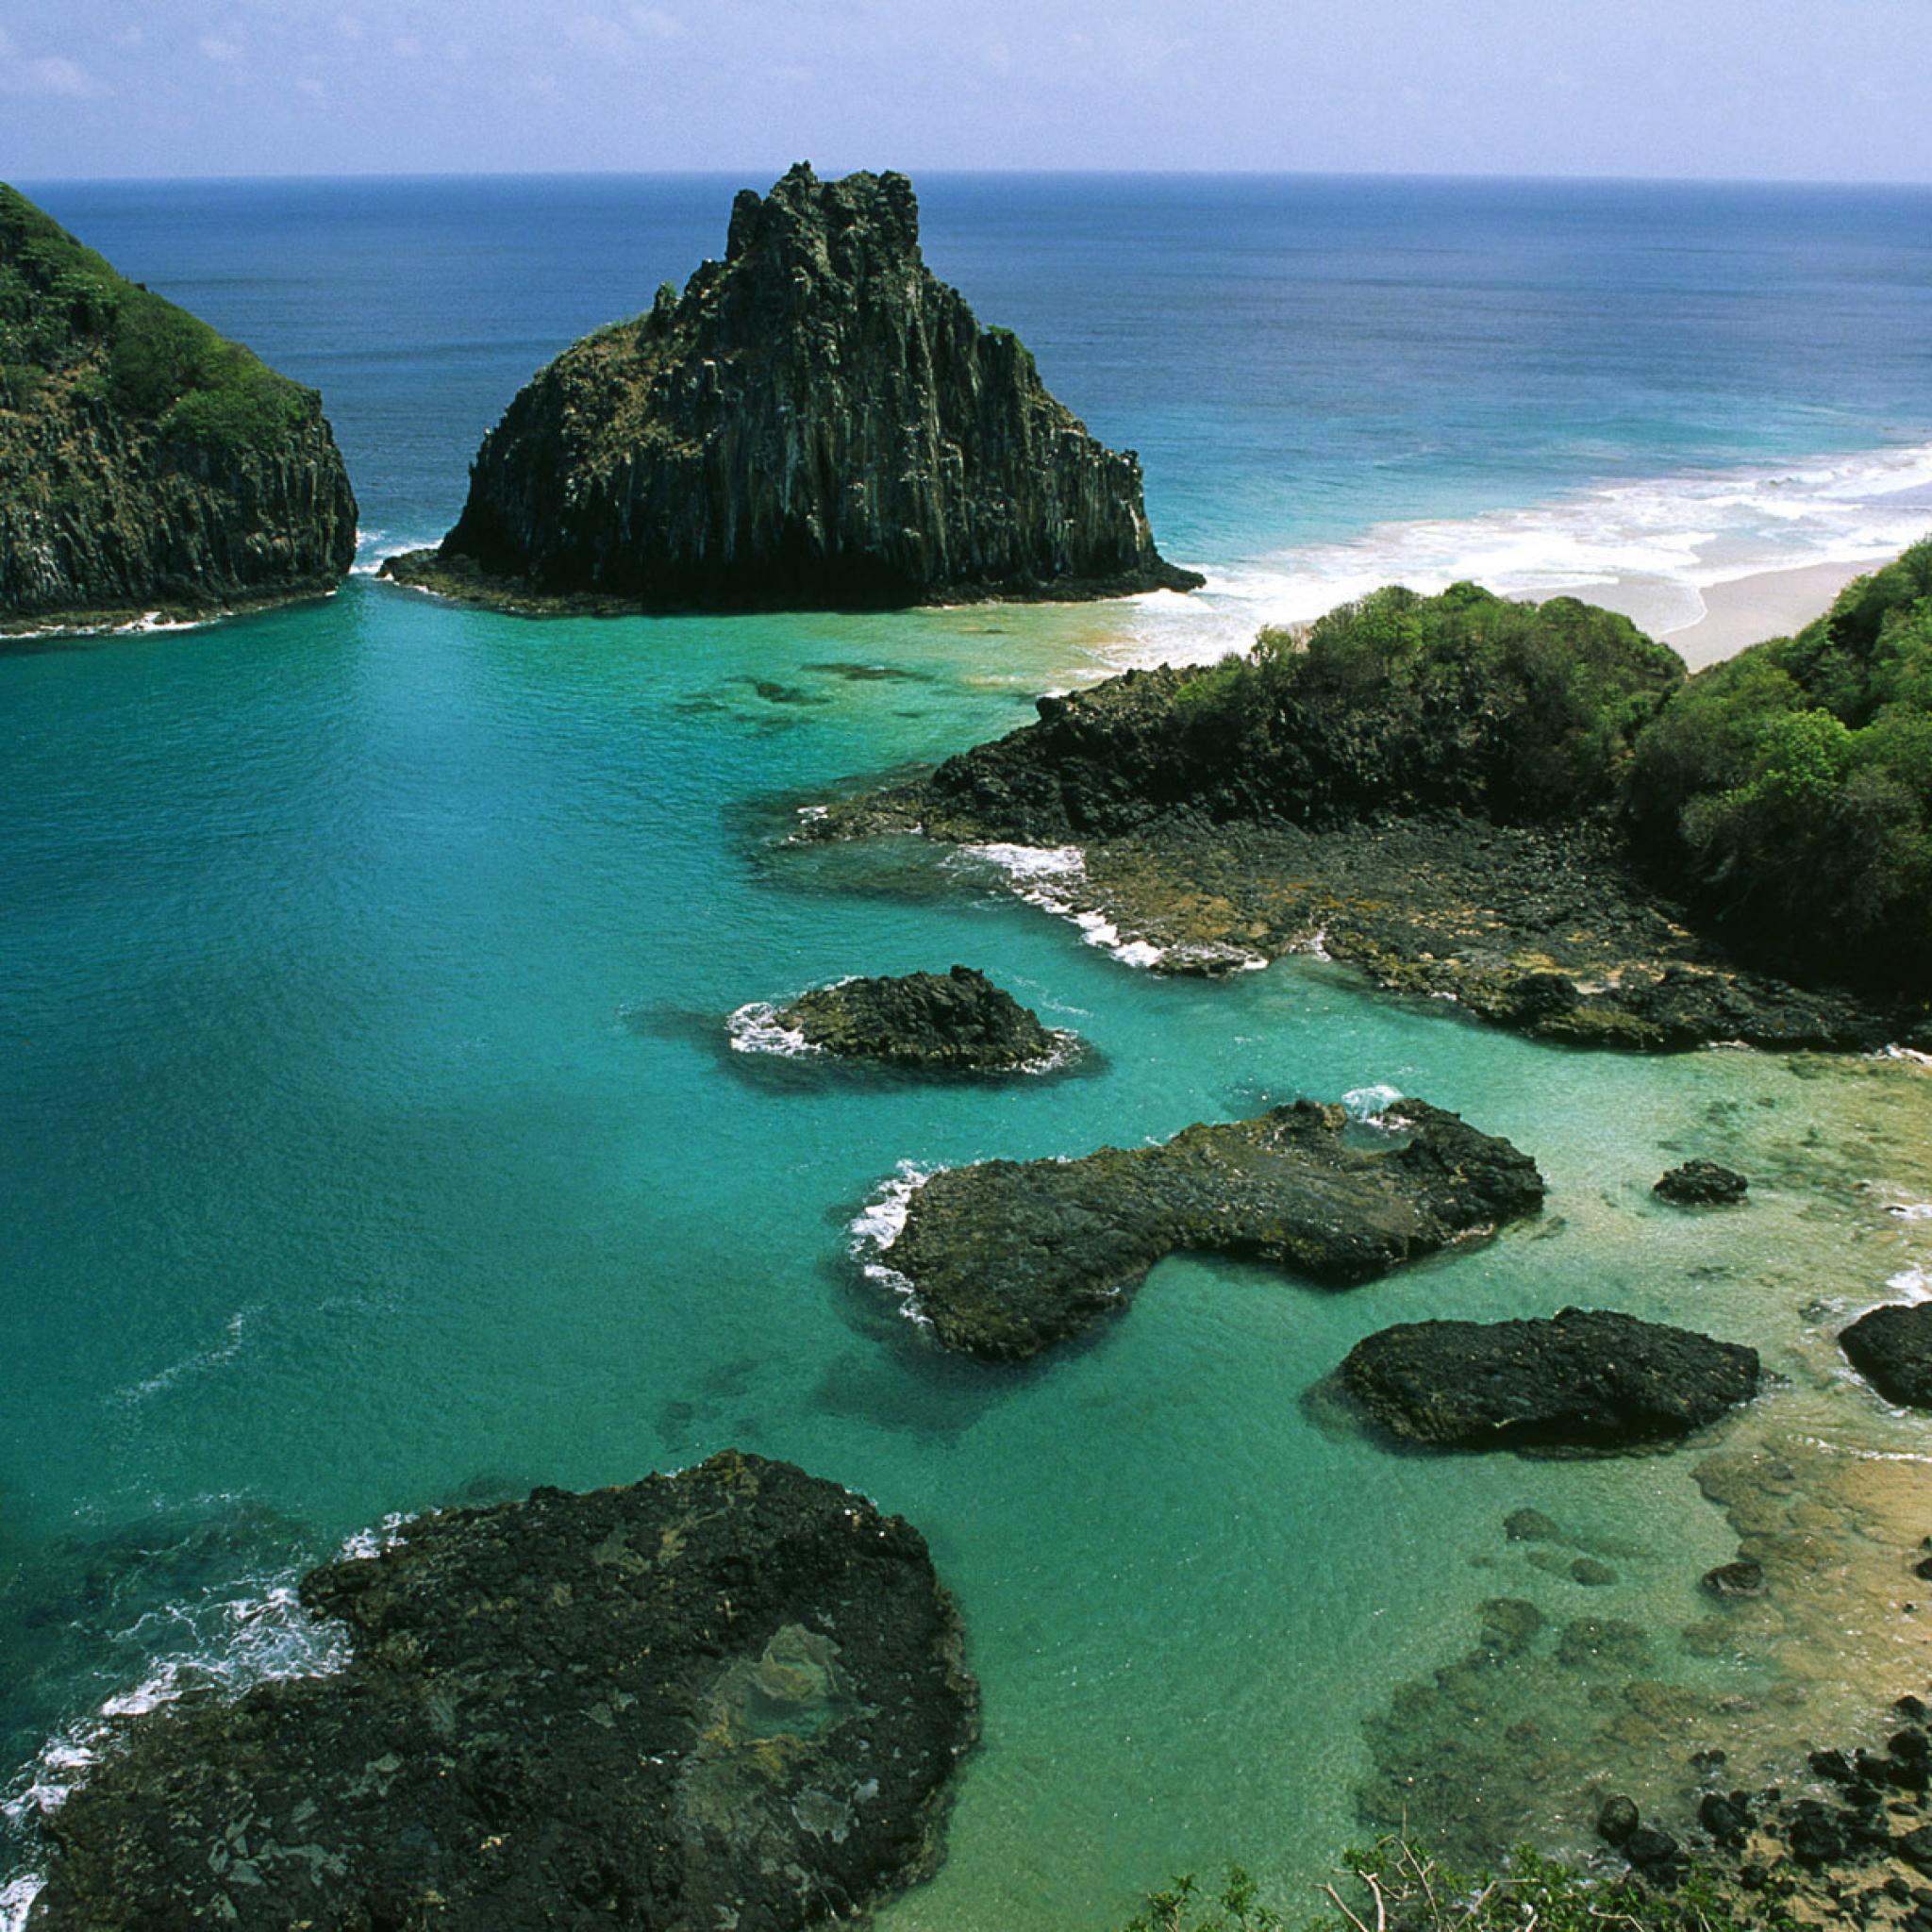 Fernando-de-Noronha-Archipelago-Brazil-3Wallpapers-iPad-Retina